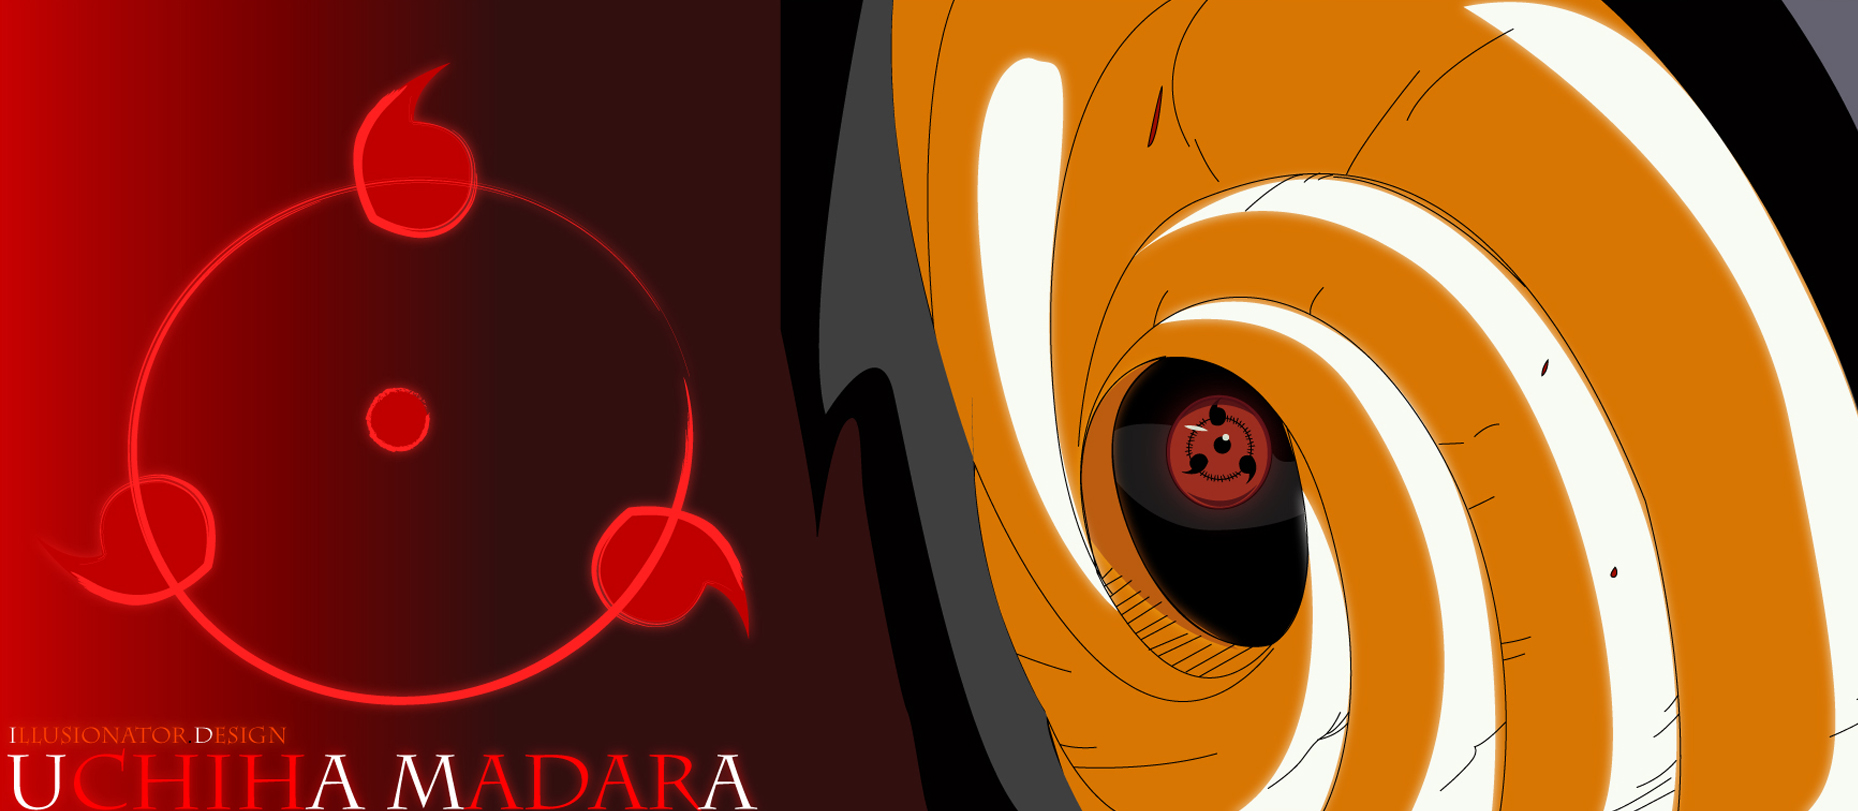 -http://fc08.deviantart.net/fs23/f/2008/019/3/5/Uchiha_Madara_by_Illusionator.jpg